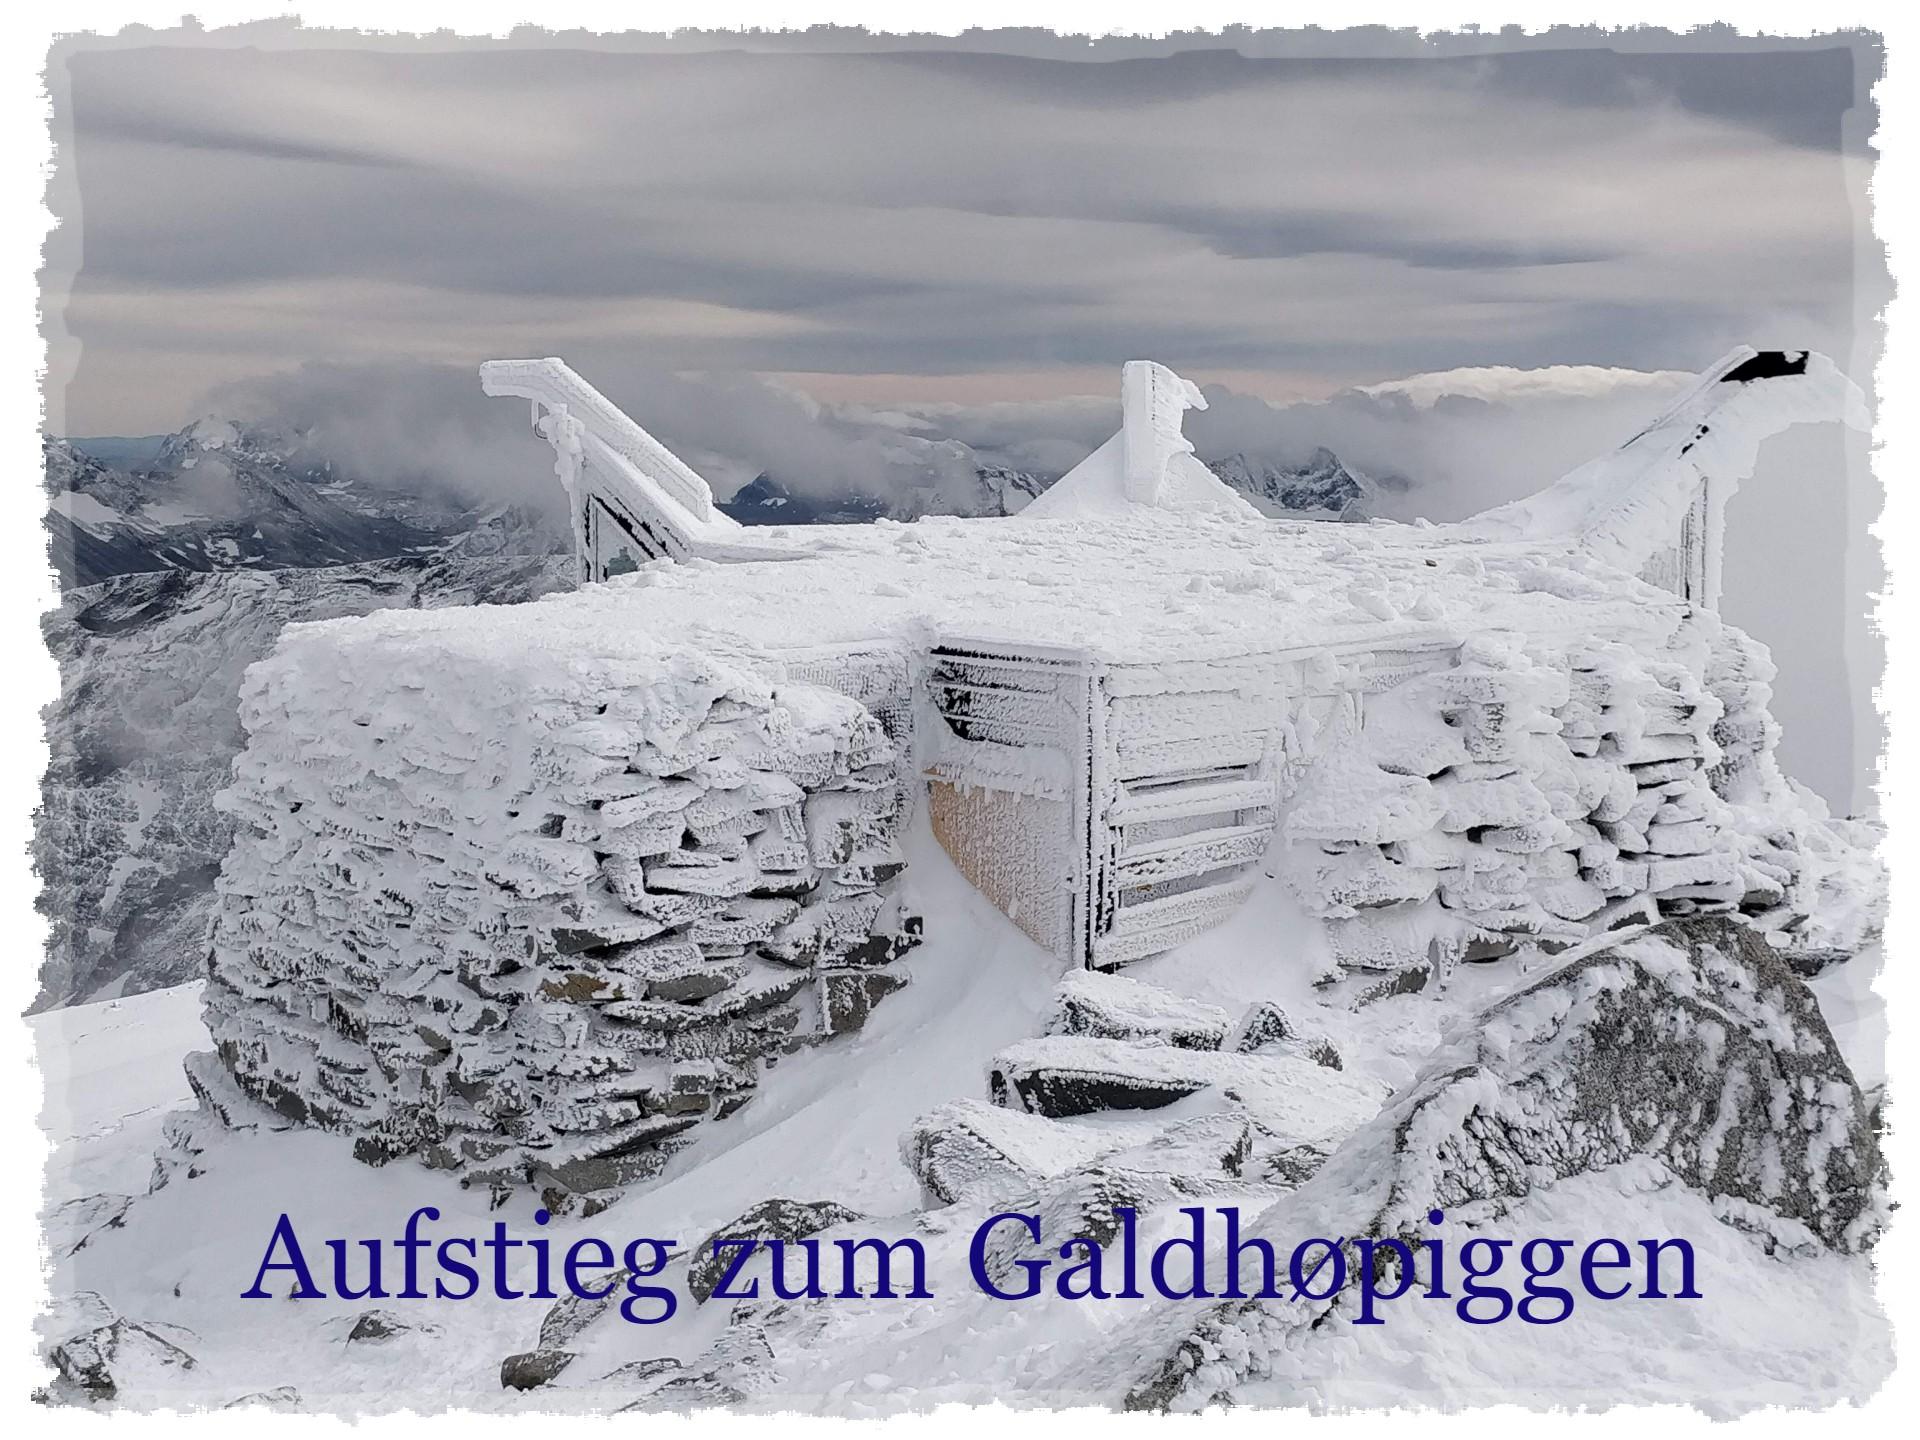 10.09.20 Aufstieg zum Galdøpiggen